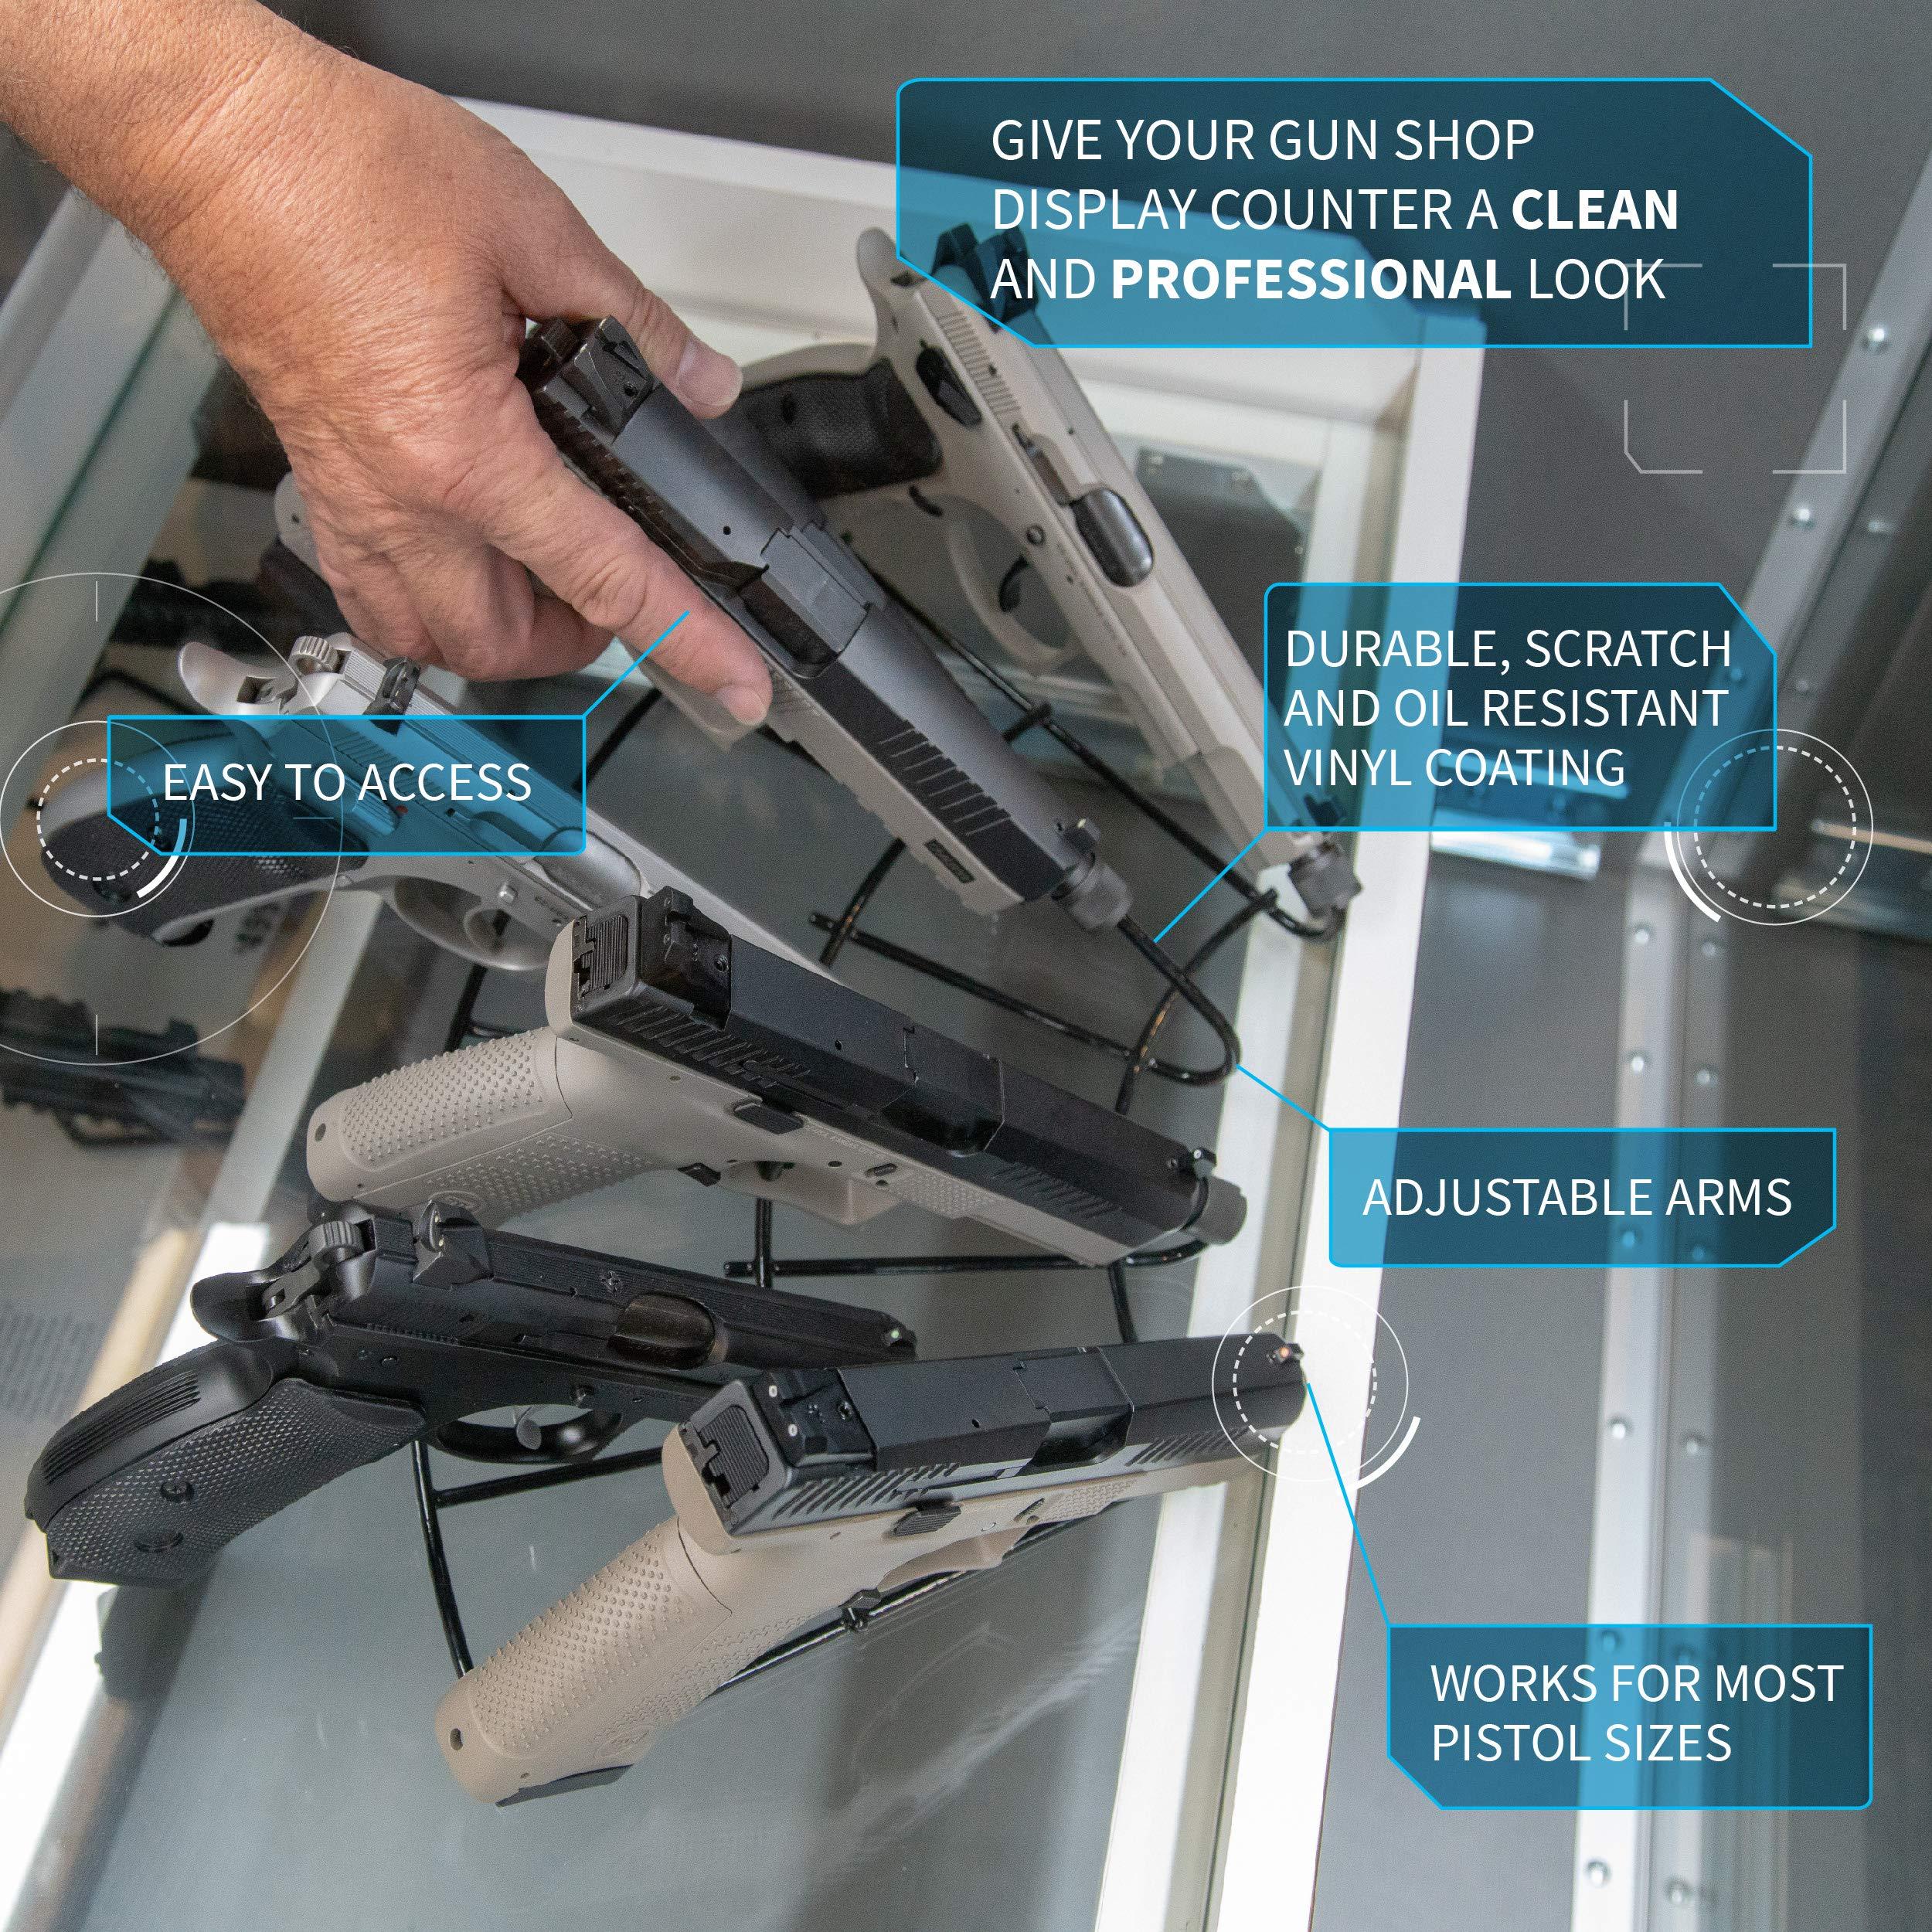 Gun Storage Solutions FanStand - Handgun Display Radial FanStand Kikstand Holds 7 Guns by Gun Storage Solutions